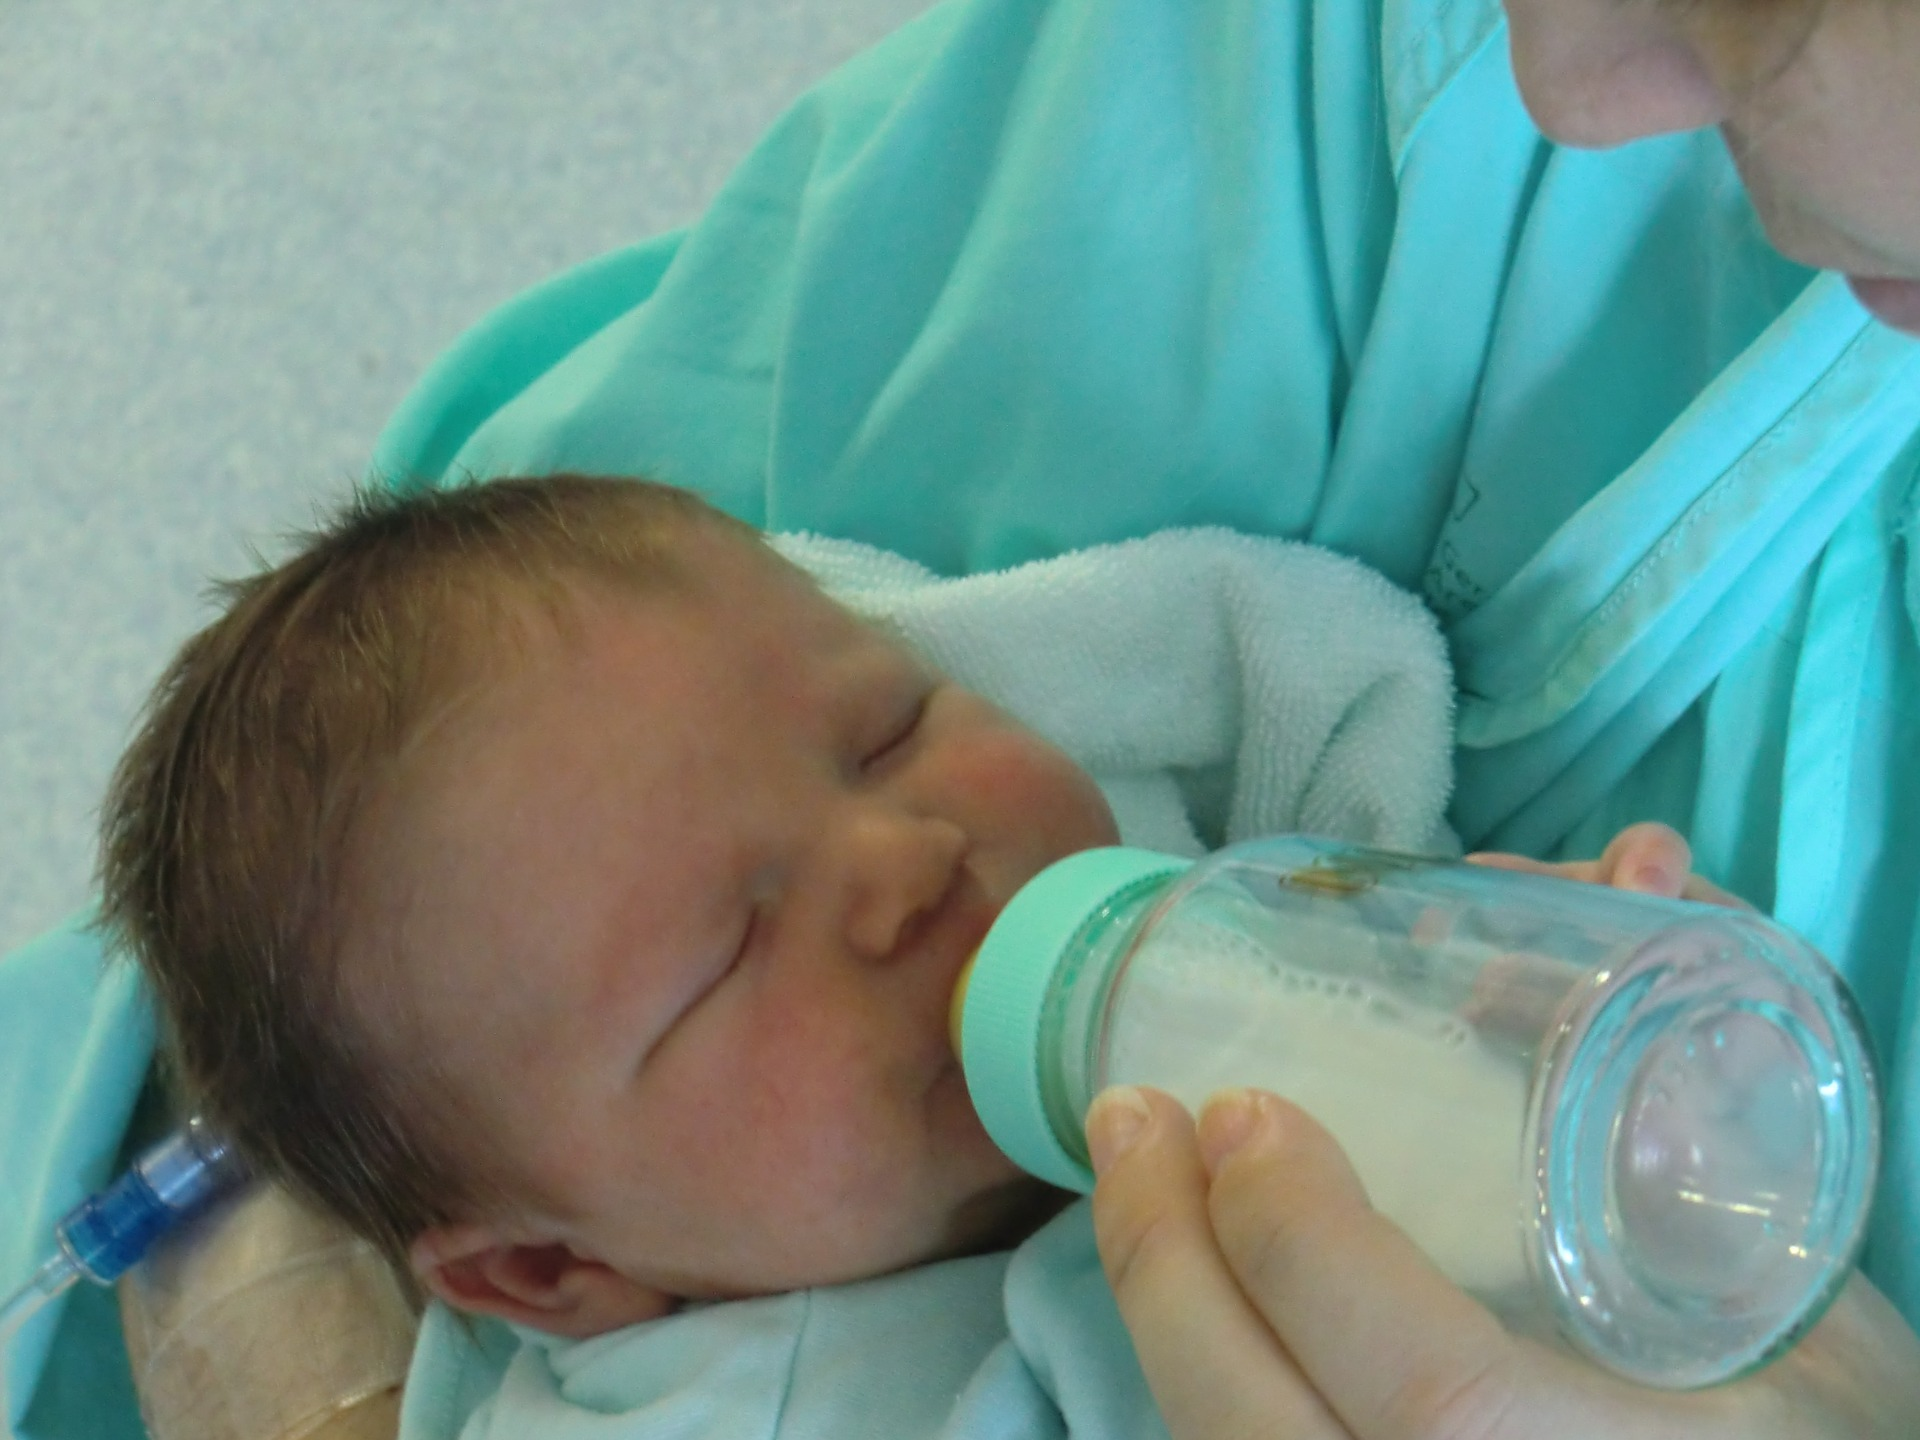 母乳の出が悪い… 赤ちゃんをミルクで育てるメリット!